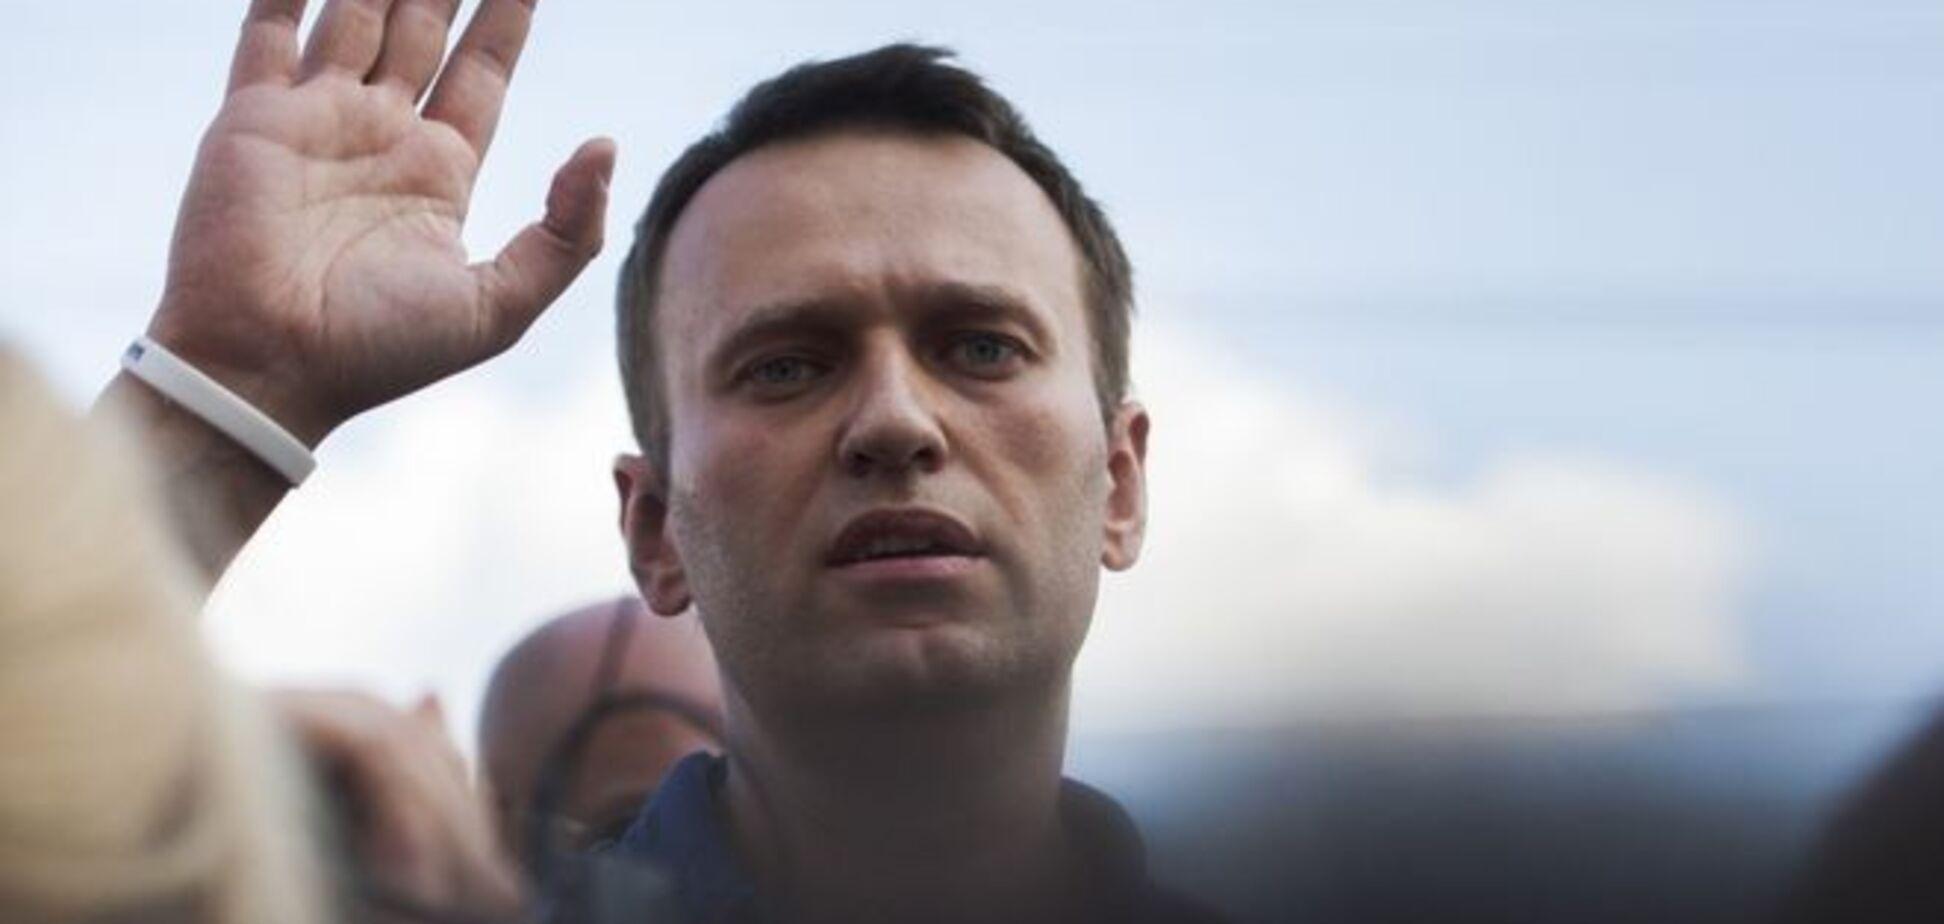 Тюремная служба просит суд отправить Навального в колонию